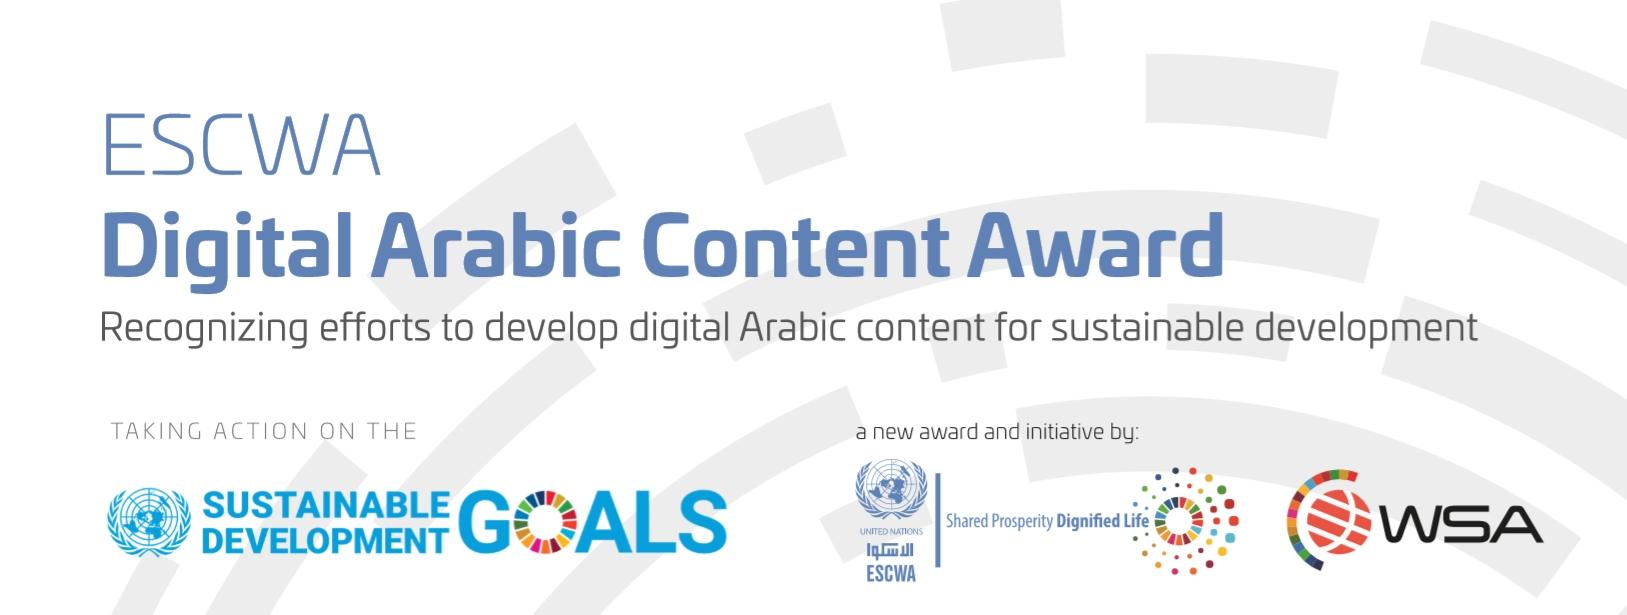 جائزة الإسكوا للمحتوى الرقمي العربي